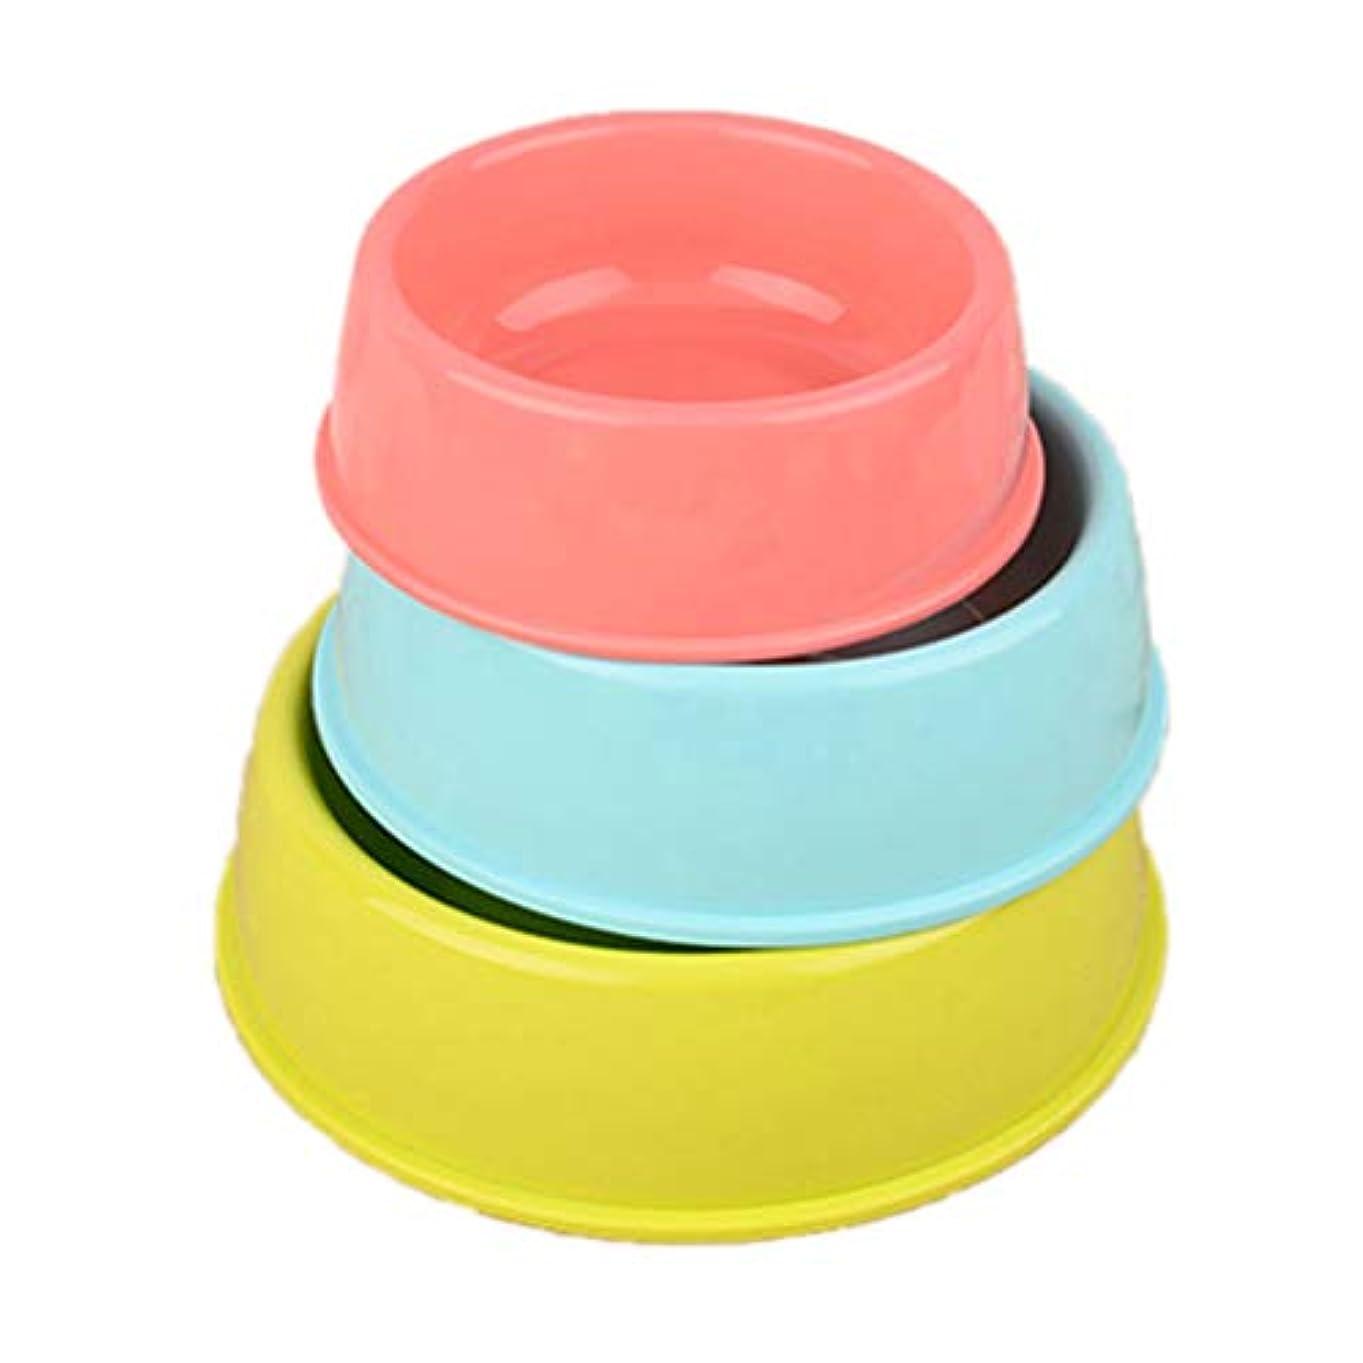 Balacoo ペットボウル 犬用食器 猫用食器 餌皿 餌いれ フードボウル ペット食器 3個セット(ランダムカラー)